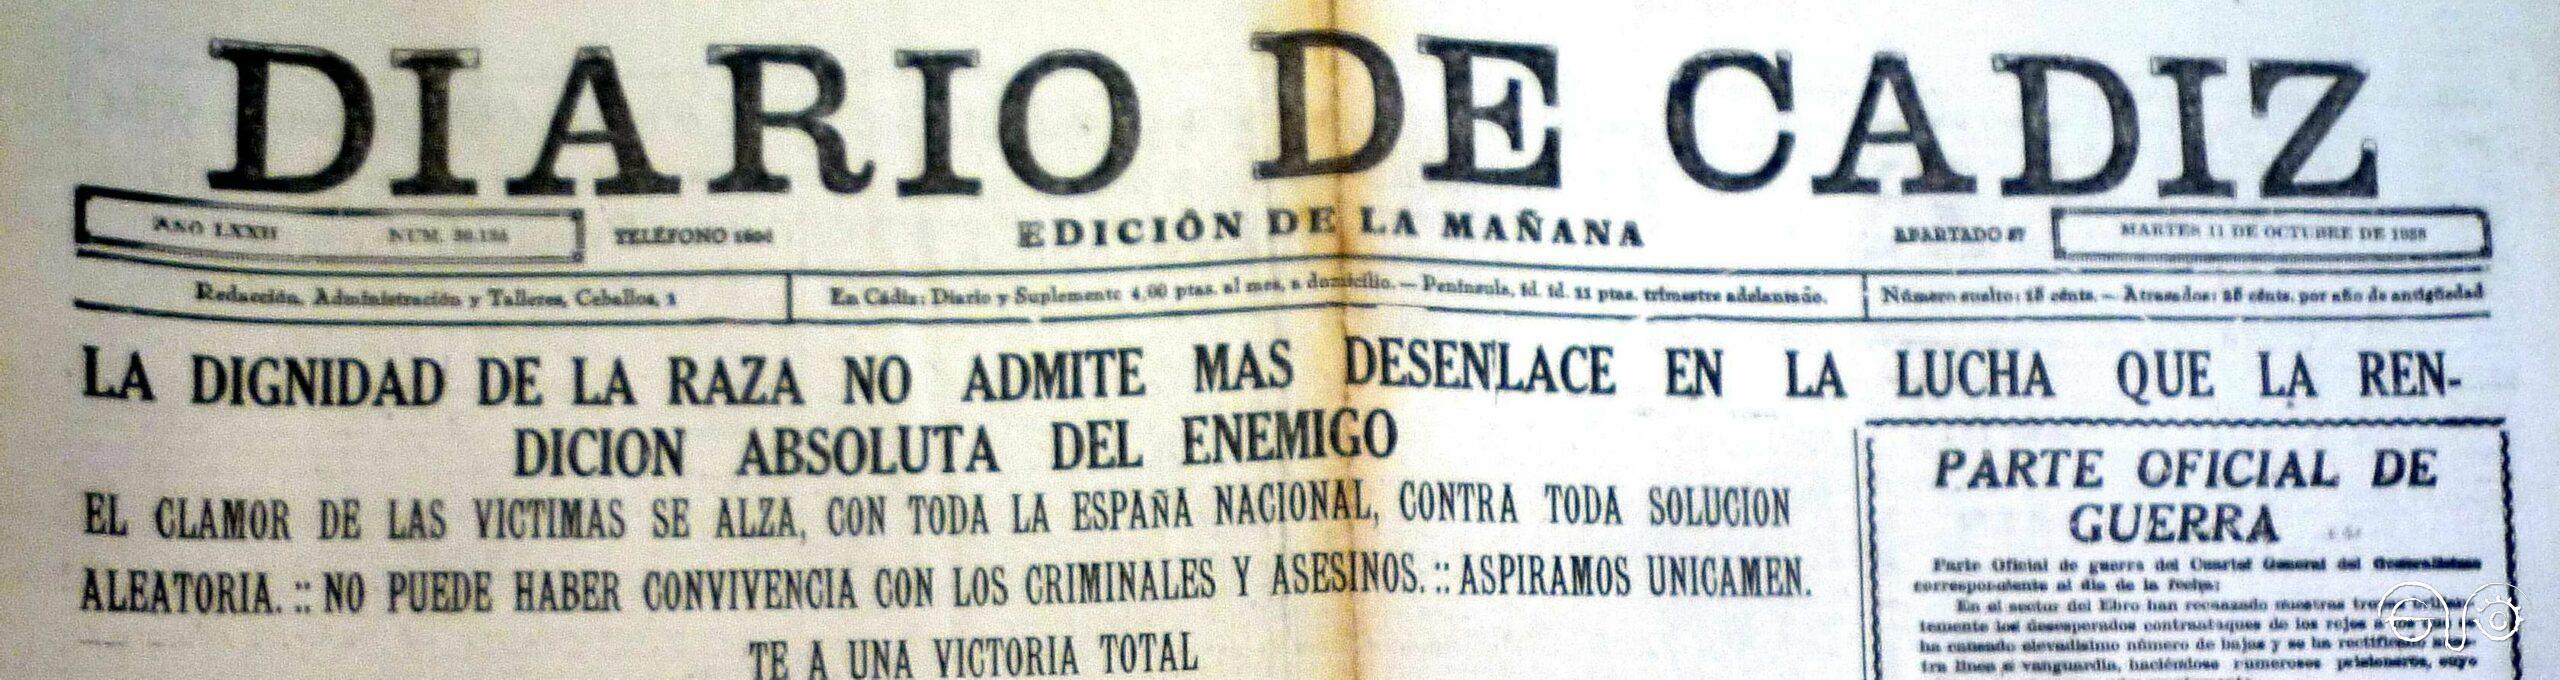 Diario de Cádiz, 10/10/1938.